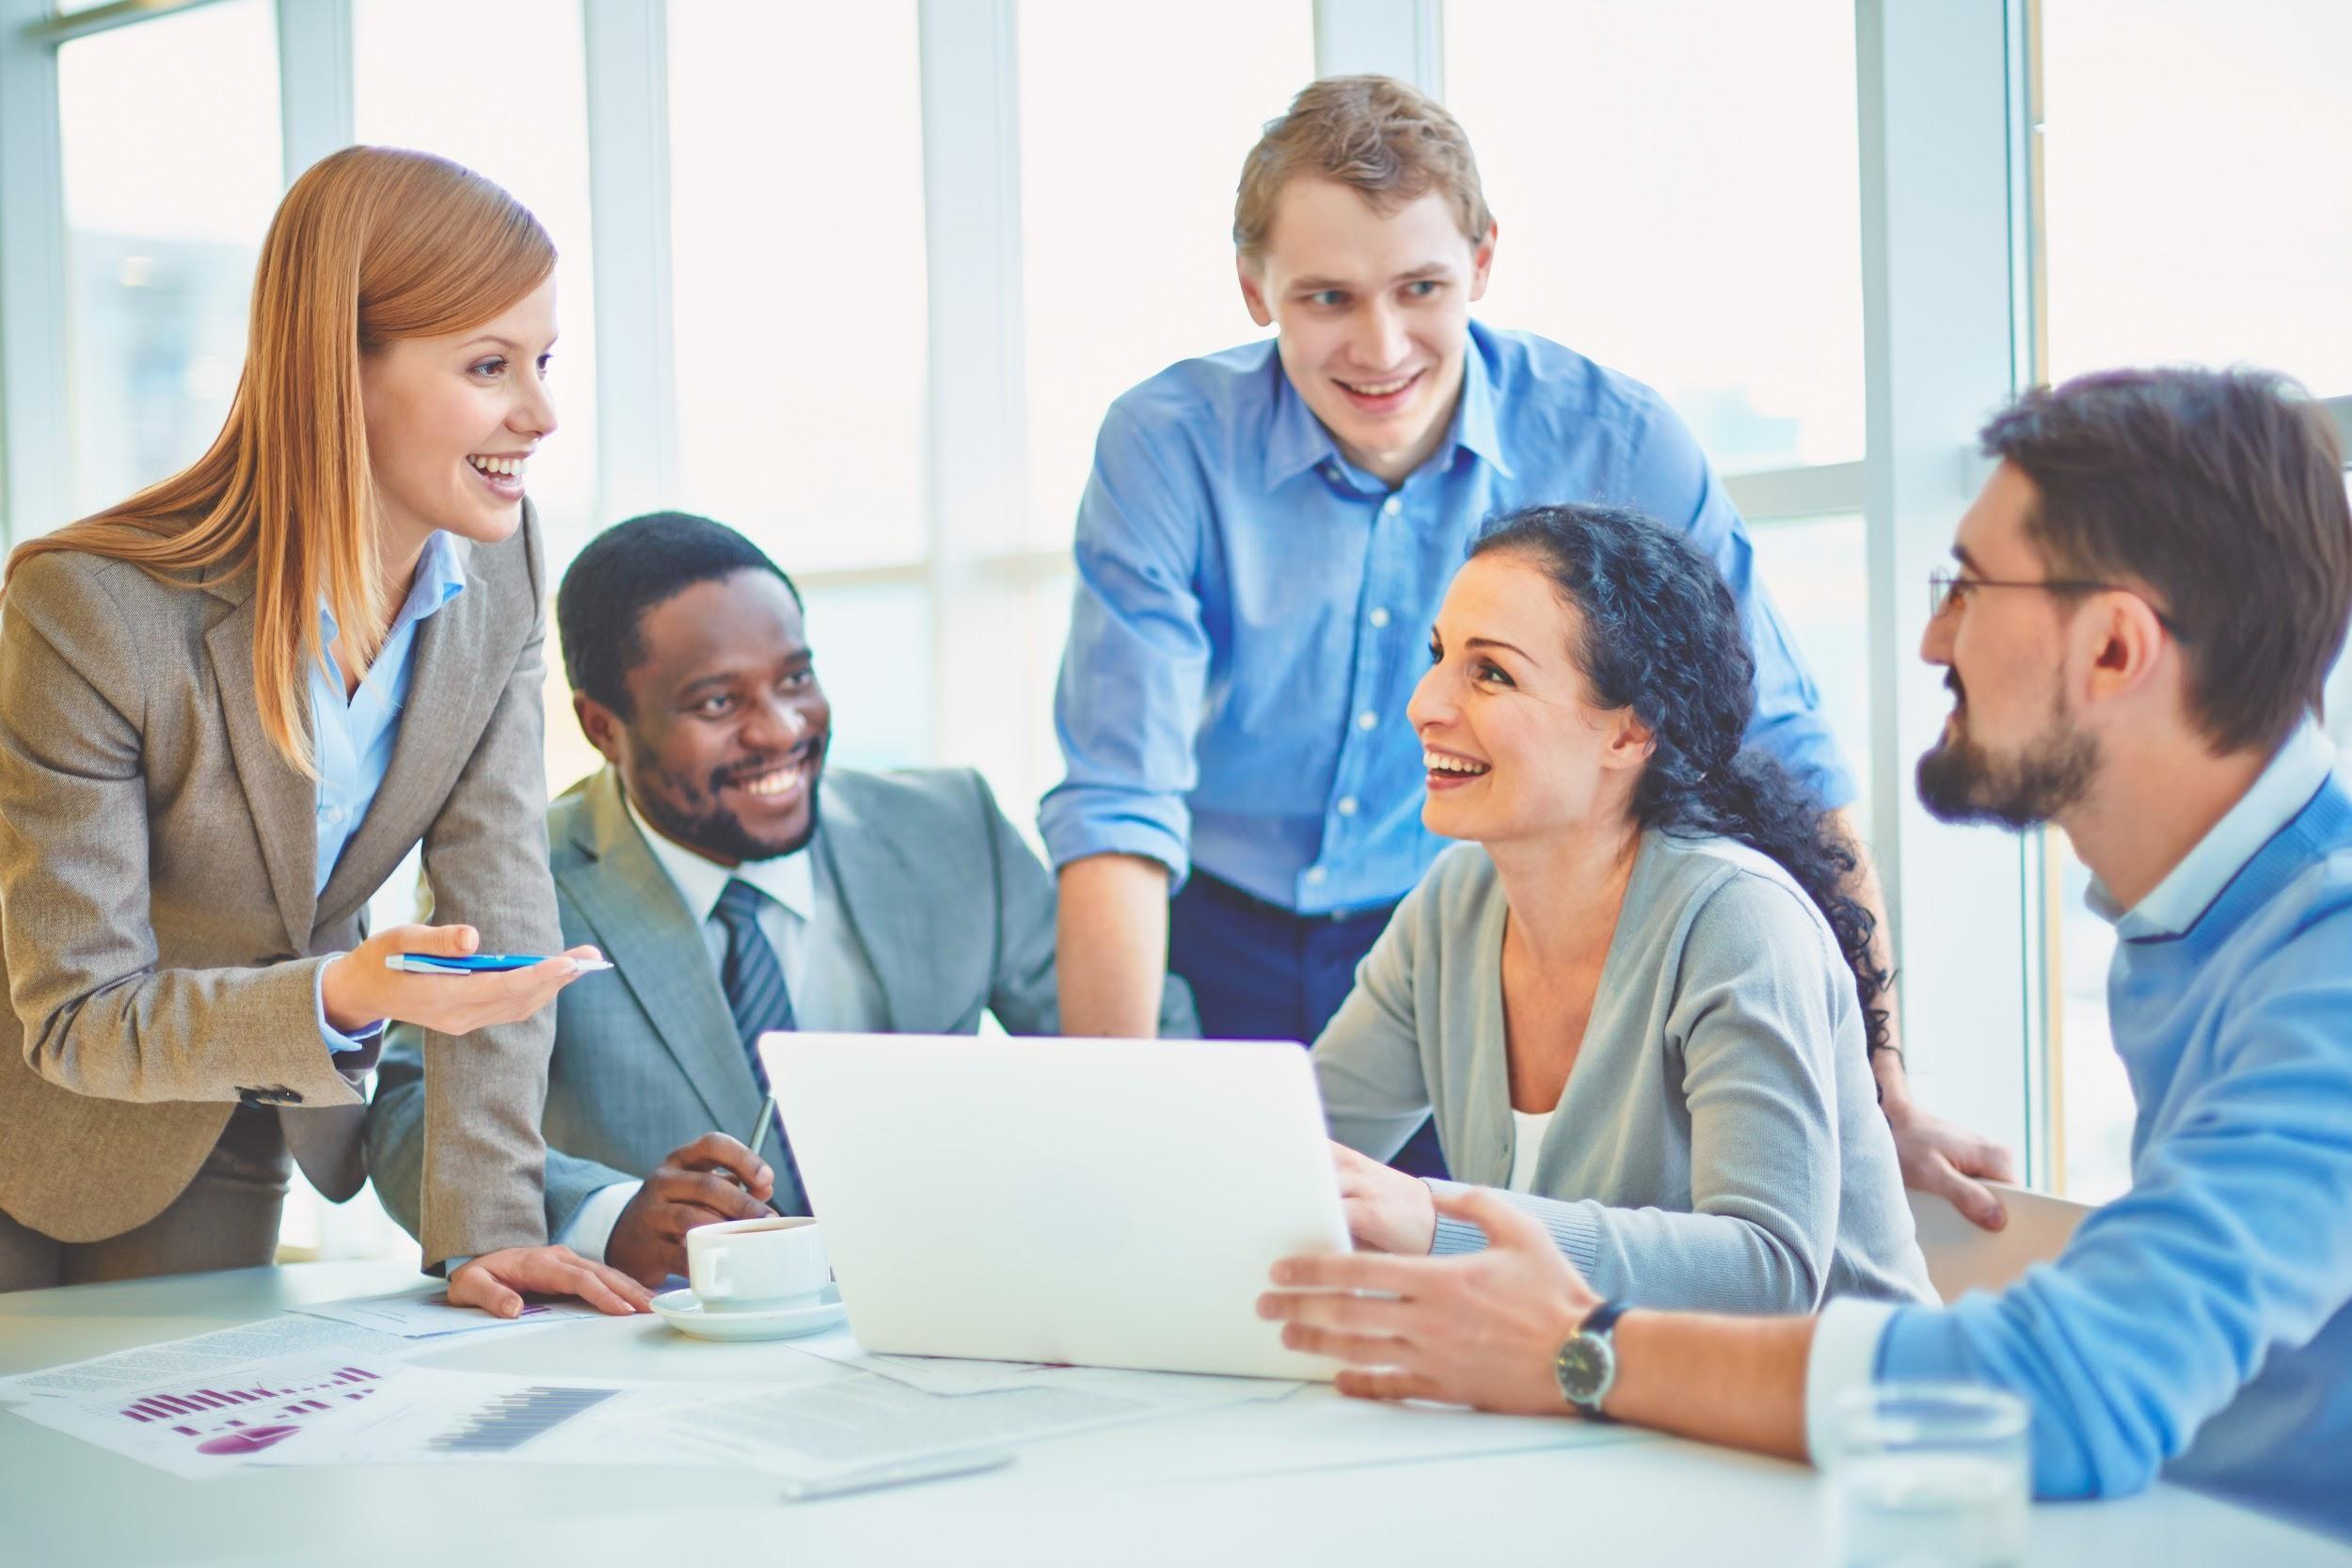 Cinco maneras de mejorar la calidad de vida de mis colaboradores